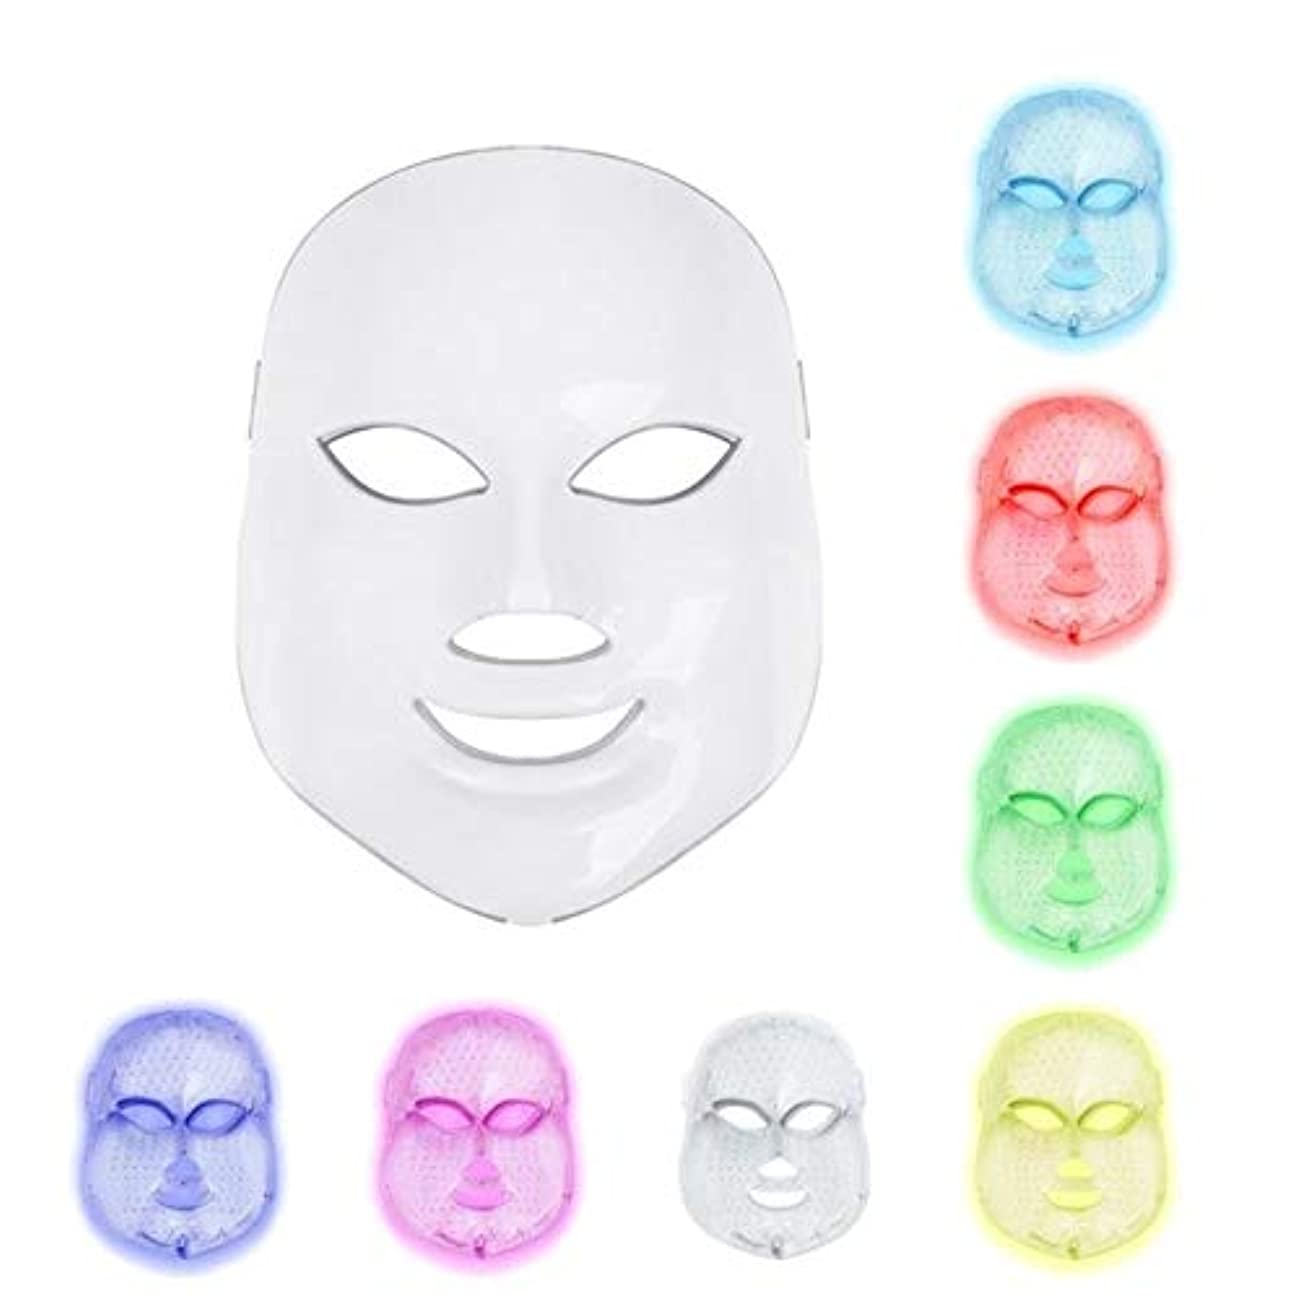 Led光子療法7色光治療肌の若返りにきびスポットしわホワイトニング美顔術デイリースキンケアマスク